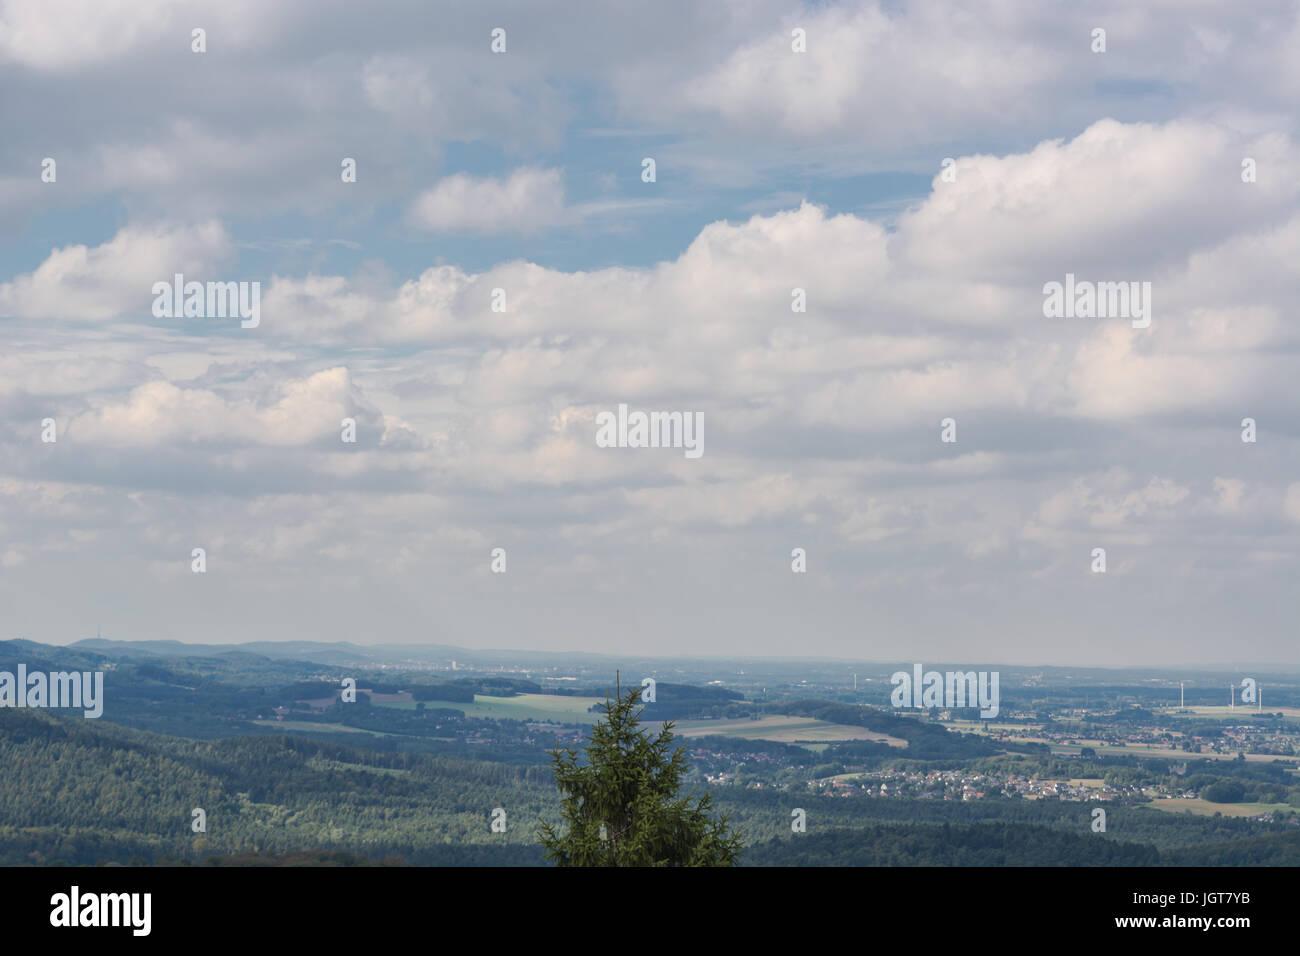 Blick vom Hermannsdenkmal auf der Teutoburger Wald in der Nähe von Detmold, Nordrhein-Westfalen. Stockbild